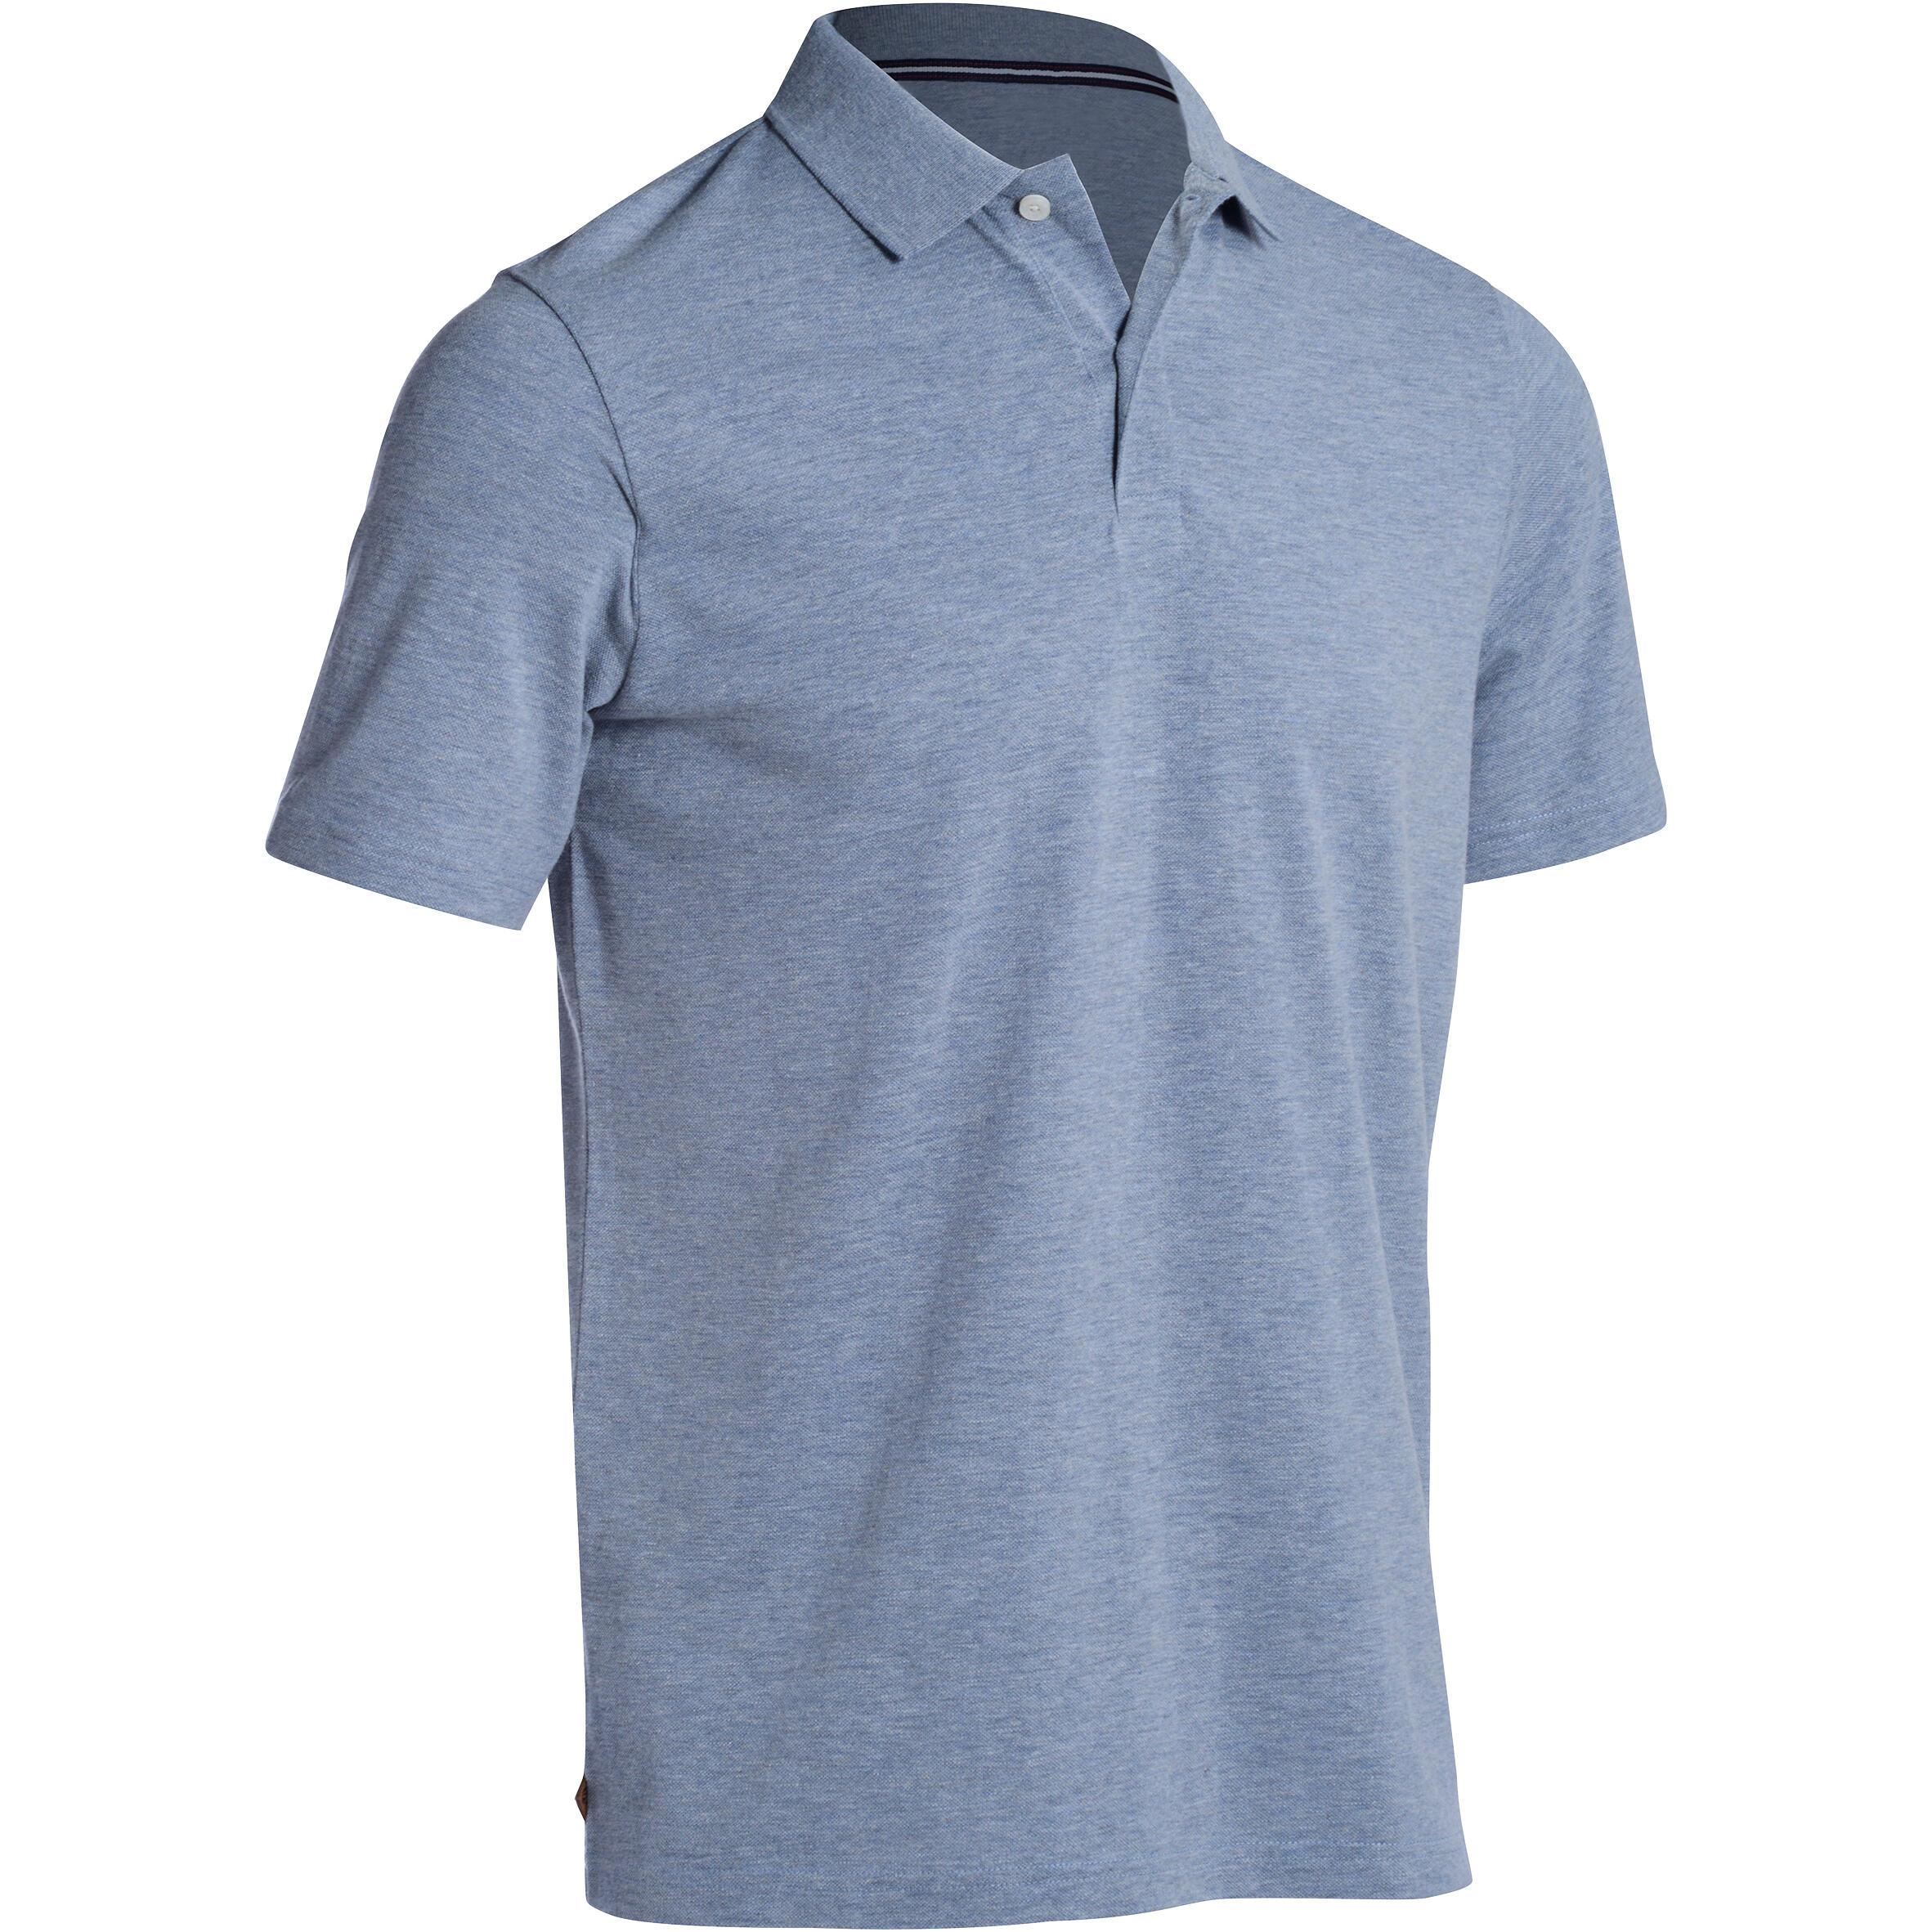 Polo de golf hombre manga corta 500 clima caluroso gris moteado